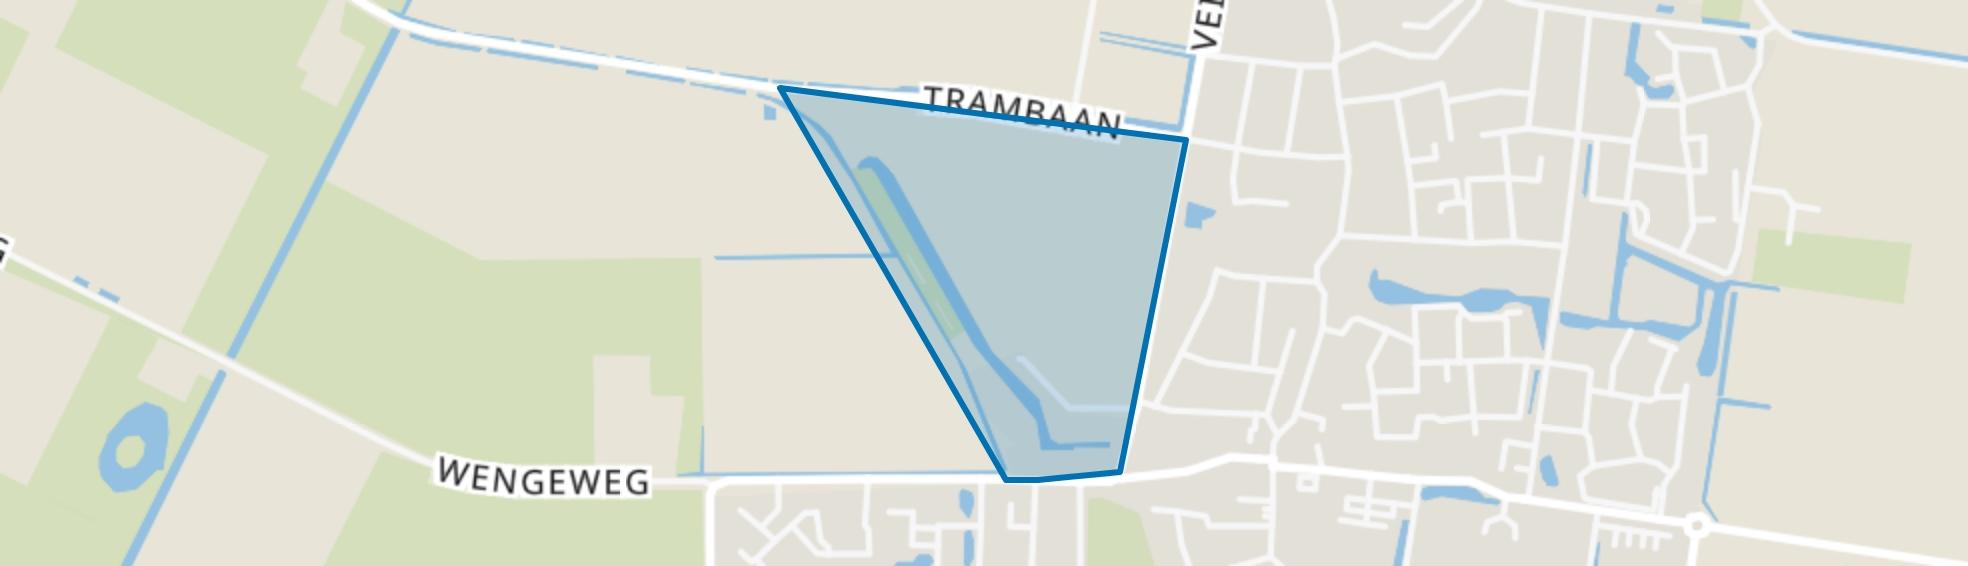 Huisweid en omgeving, Warmenhuizen map